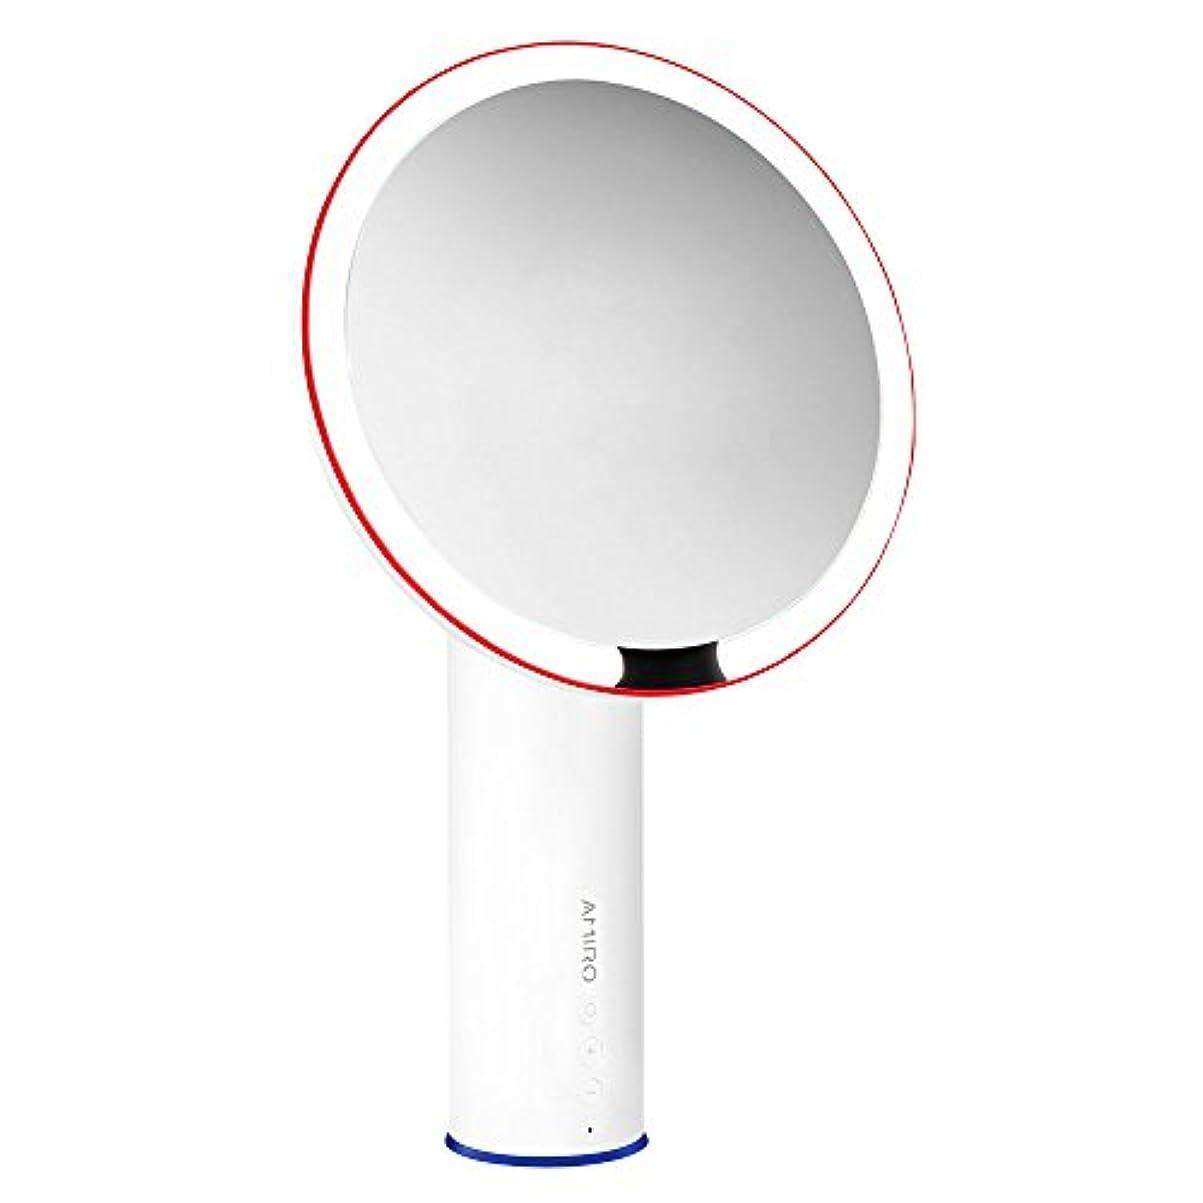 AMIRO LED化粧鏡 人感センサー付き 化粧ミラー LEDライト付き 卓上鏡 女優ミラー 3段階明るさ調節可能